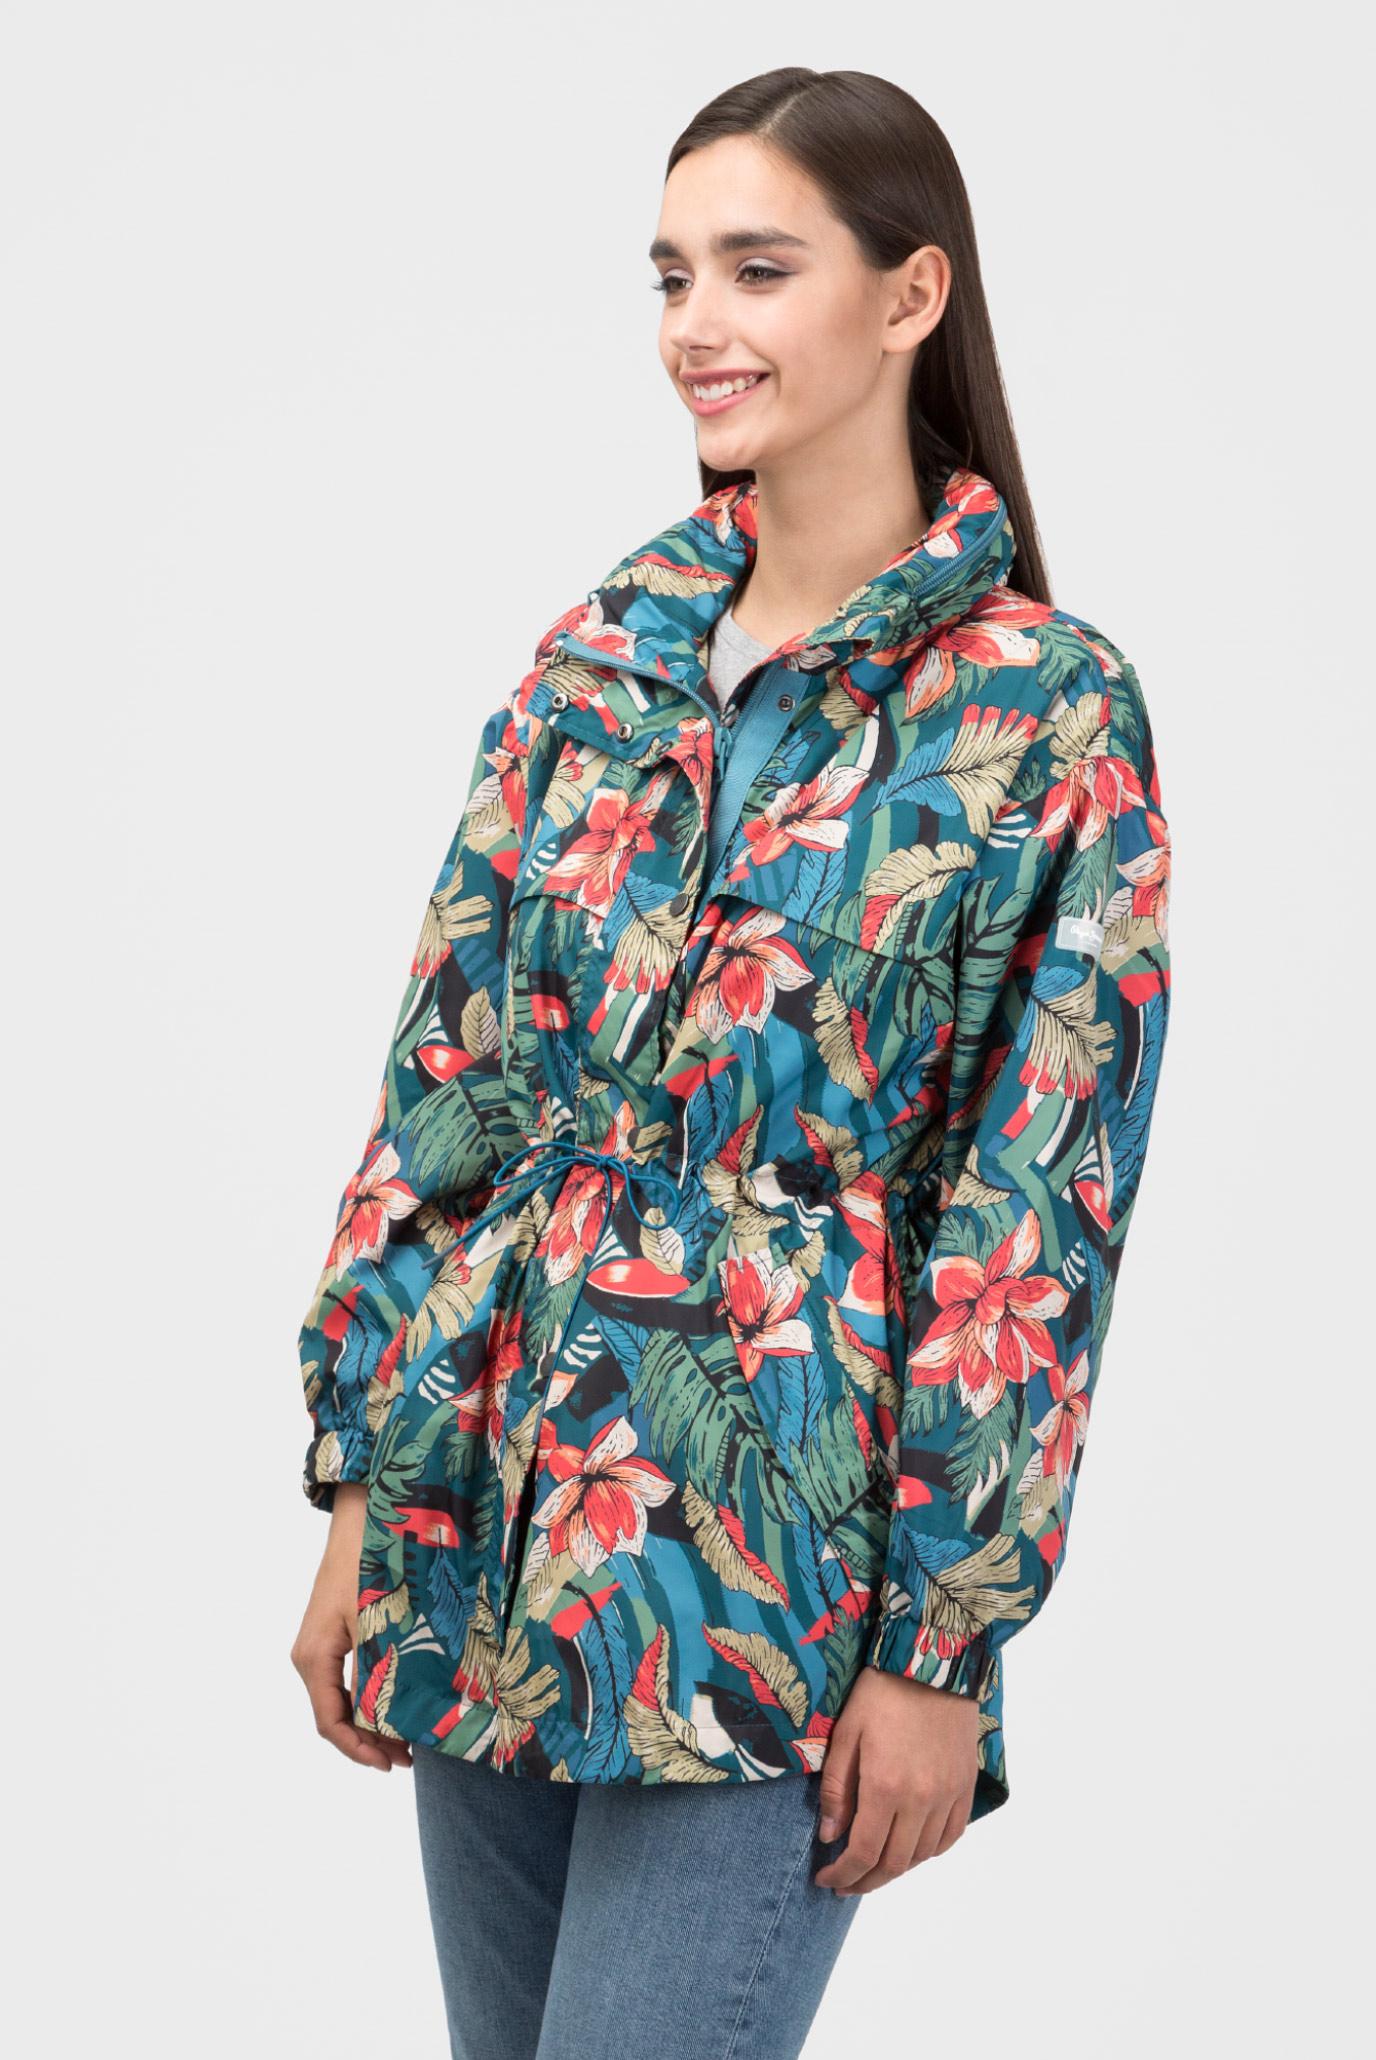 Купить Женская удлиненная куртка с принтом ALISON Pepe Jeans Pepe Jeans PL401635 – Киев, Украина. Цены в интернет магазине MD Fashion